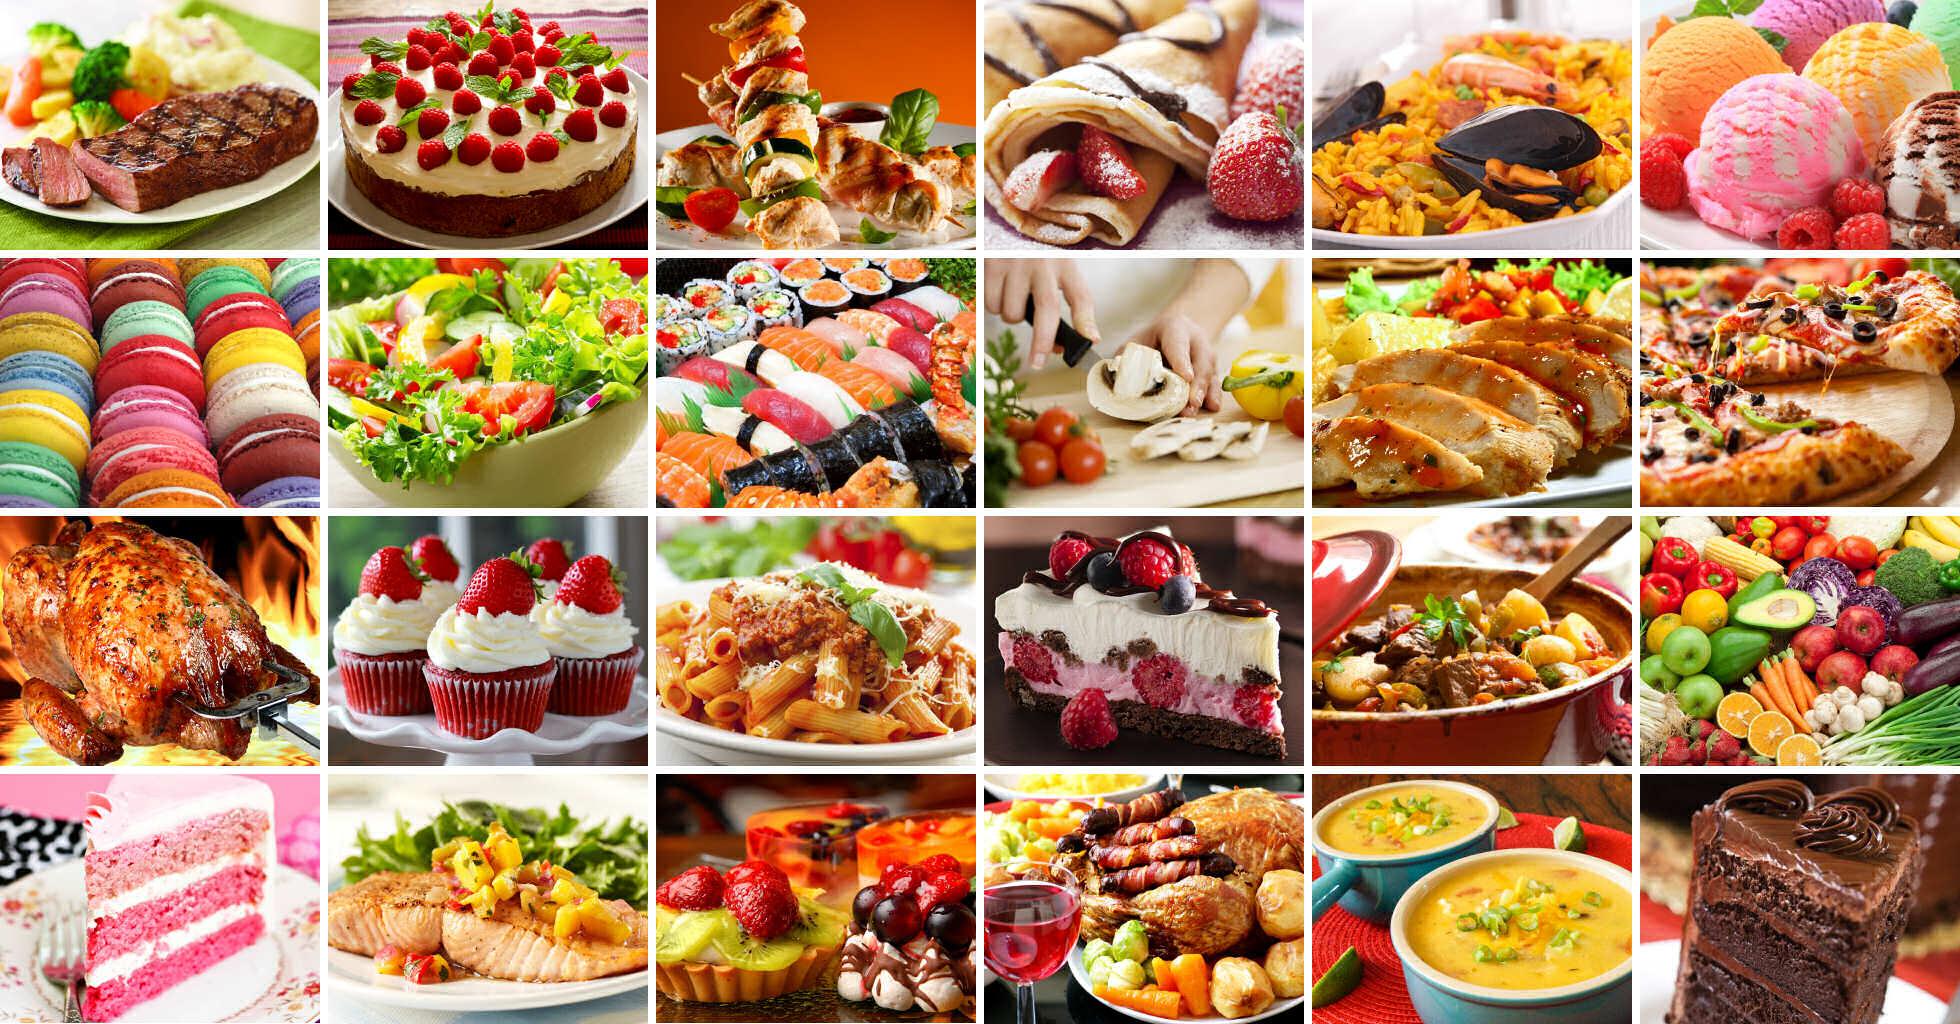 Blog de recetas de cocina juegos de cocinar y menus